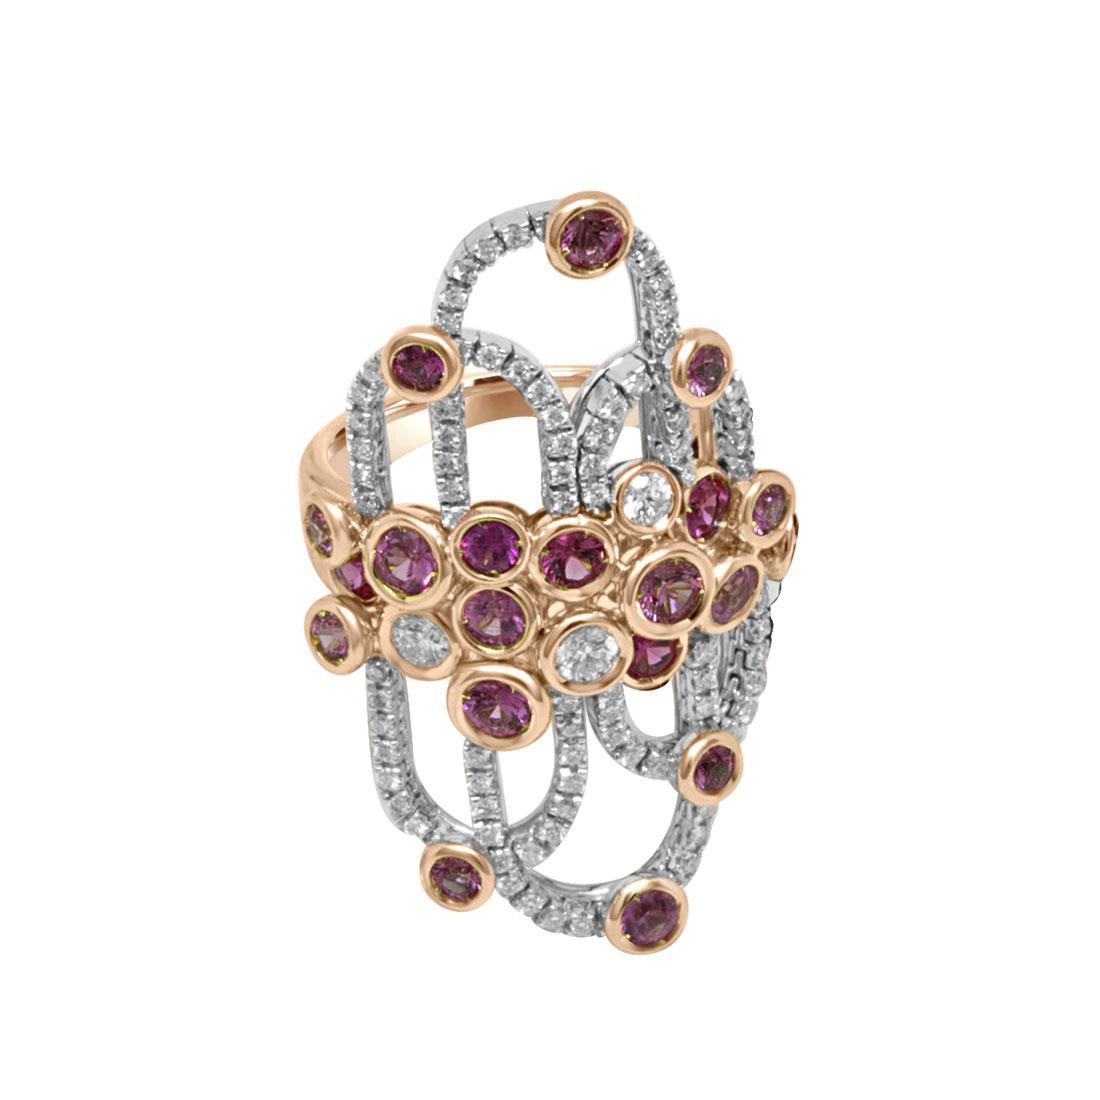 Anello con zaffiri rosa e diamanti - DAMIANI